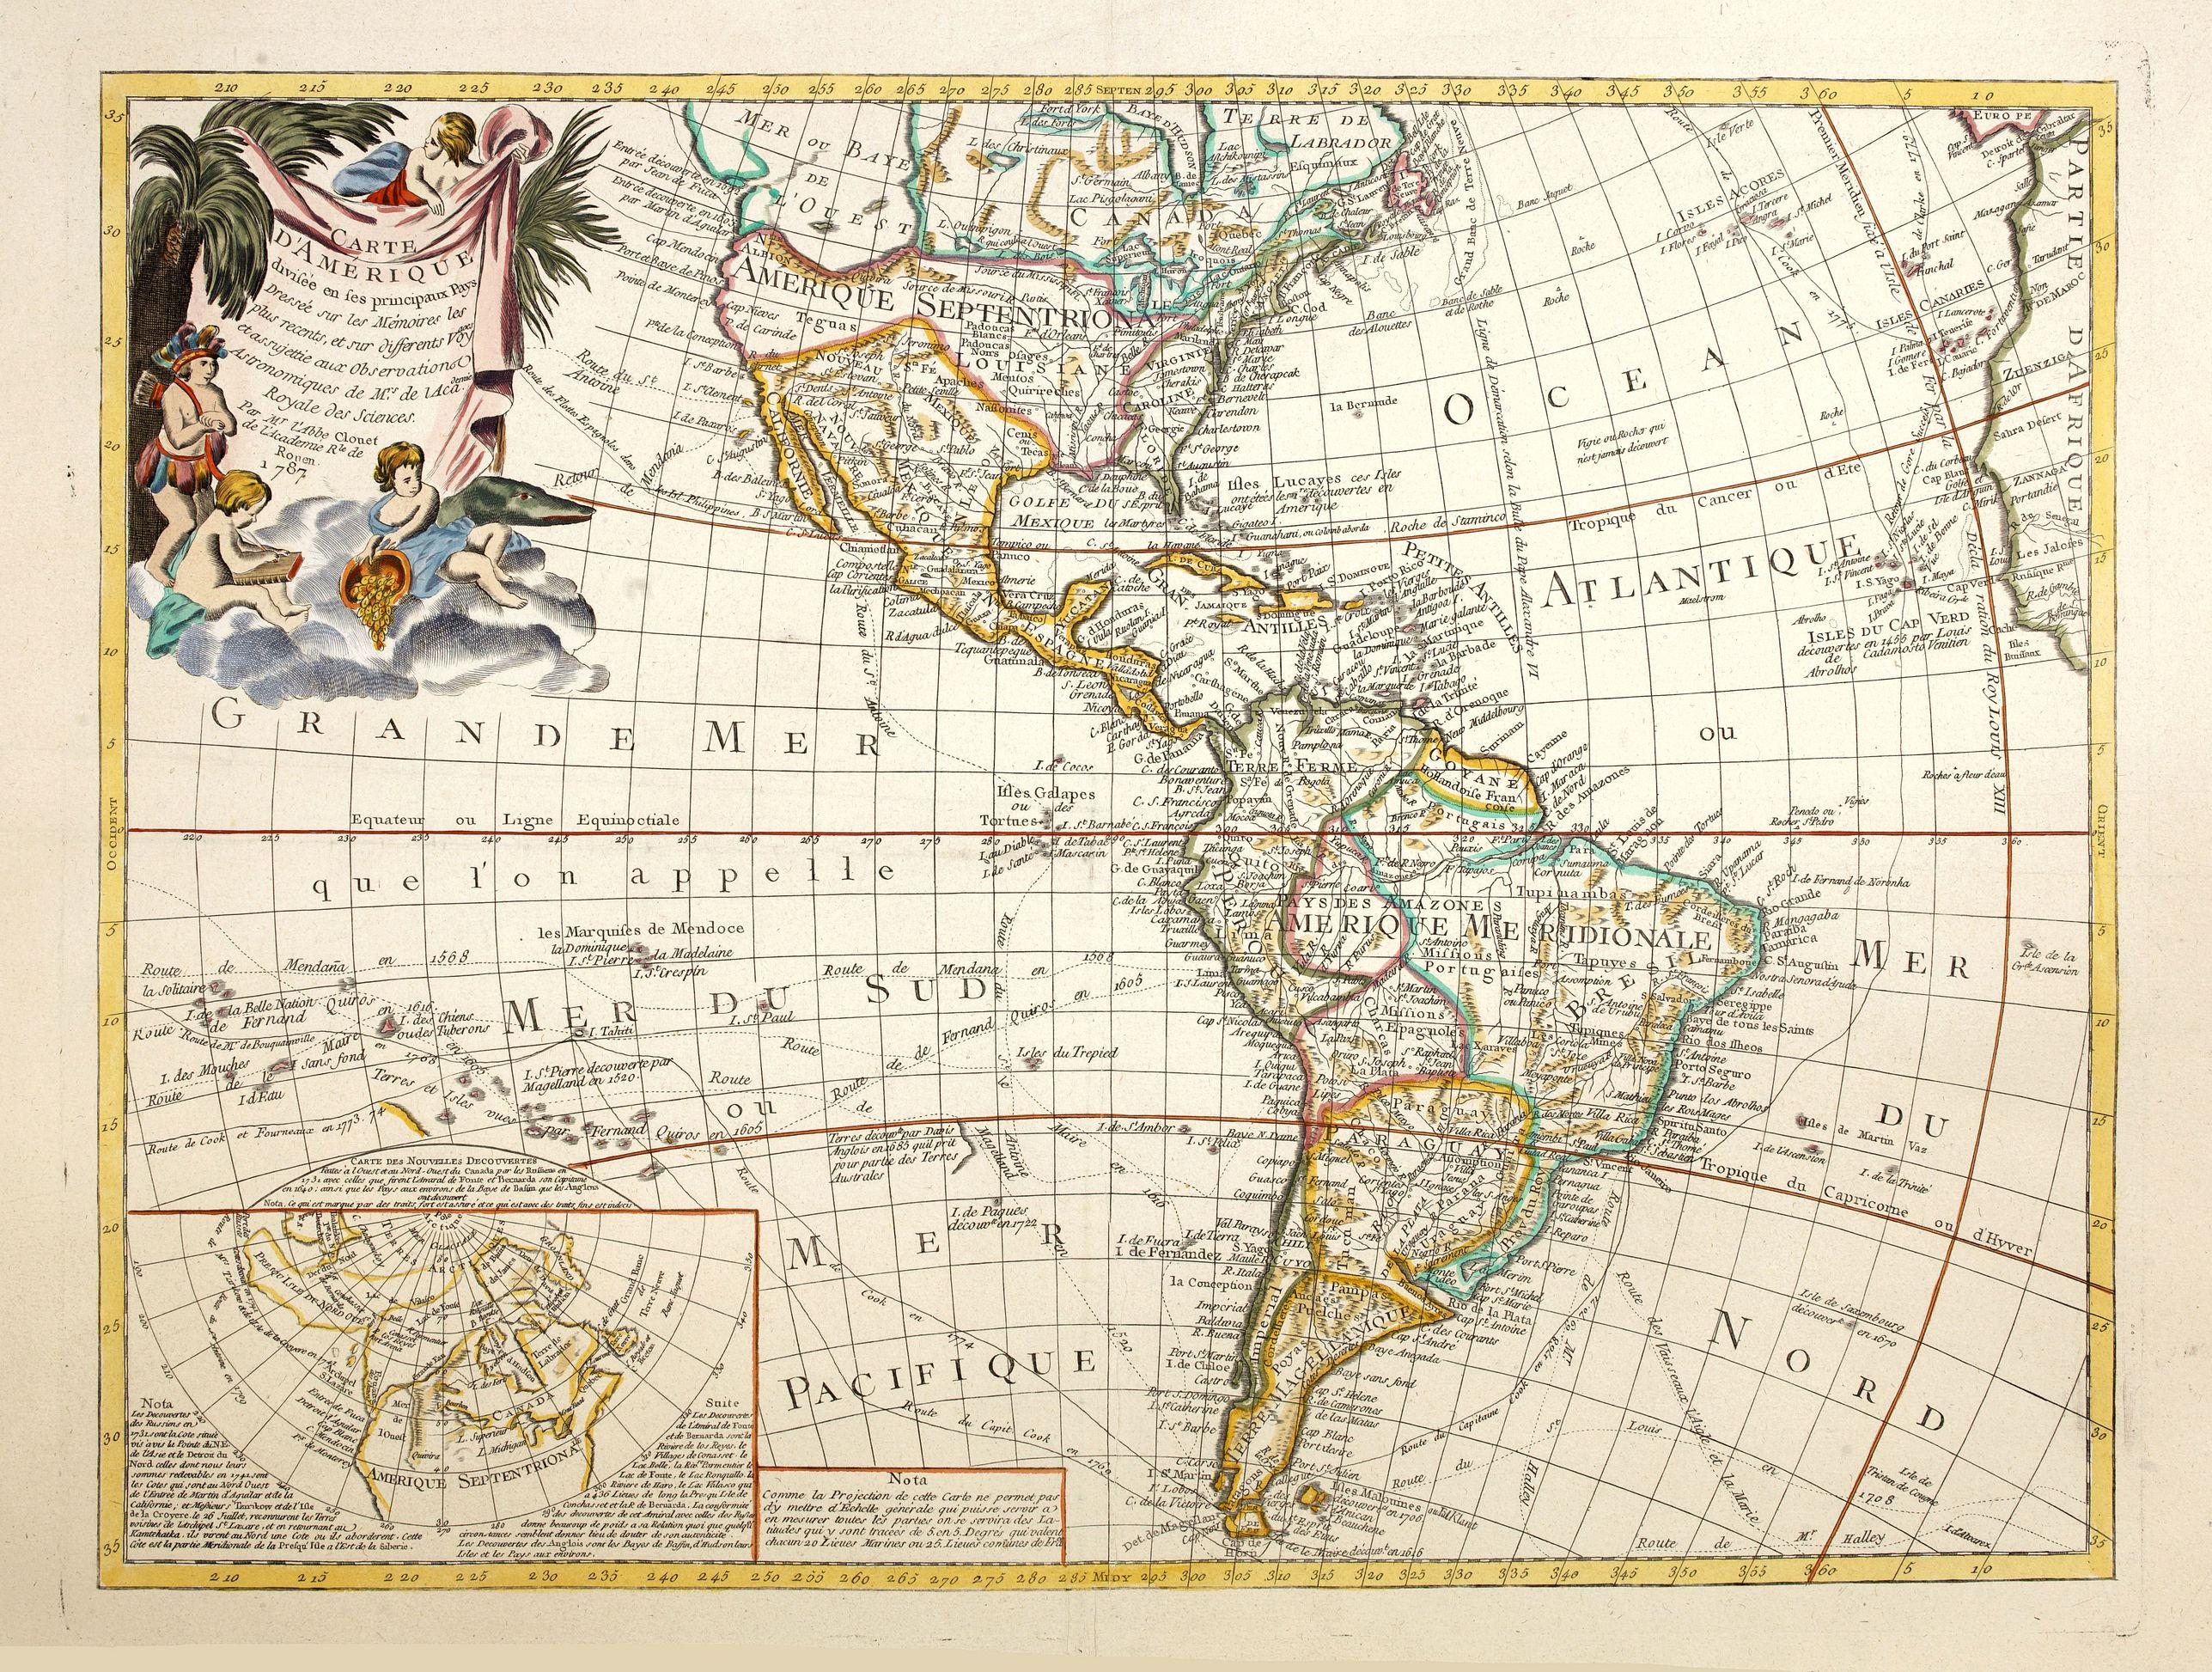 CLOUET, J.B.L.L'Abbe -  Carte D'Amerique divisée en ses principaux Pays, Dressee sur les Mémoires les plus recnetes, et sur differents Voyages . . . 1787